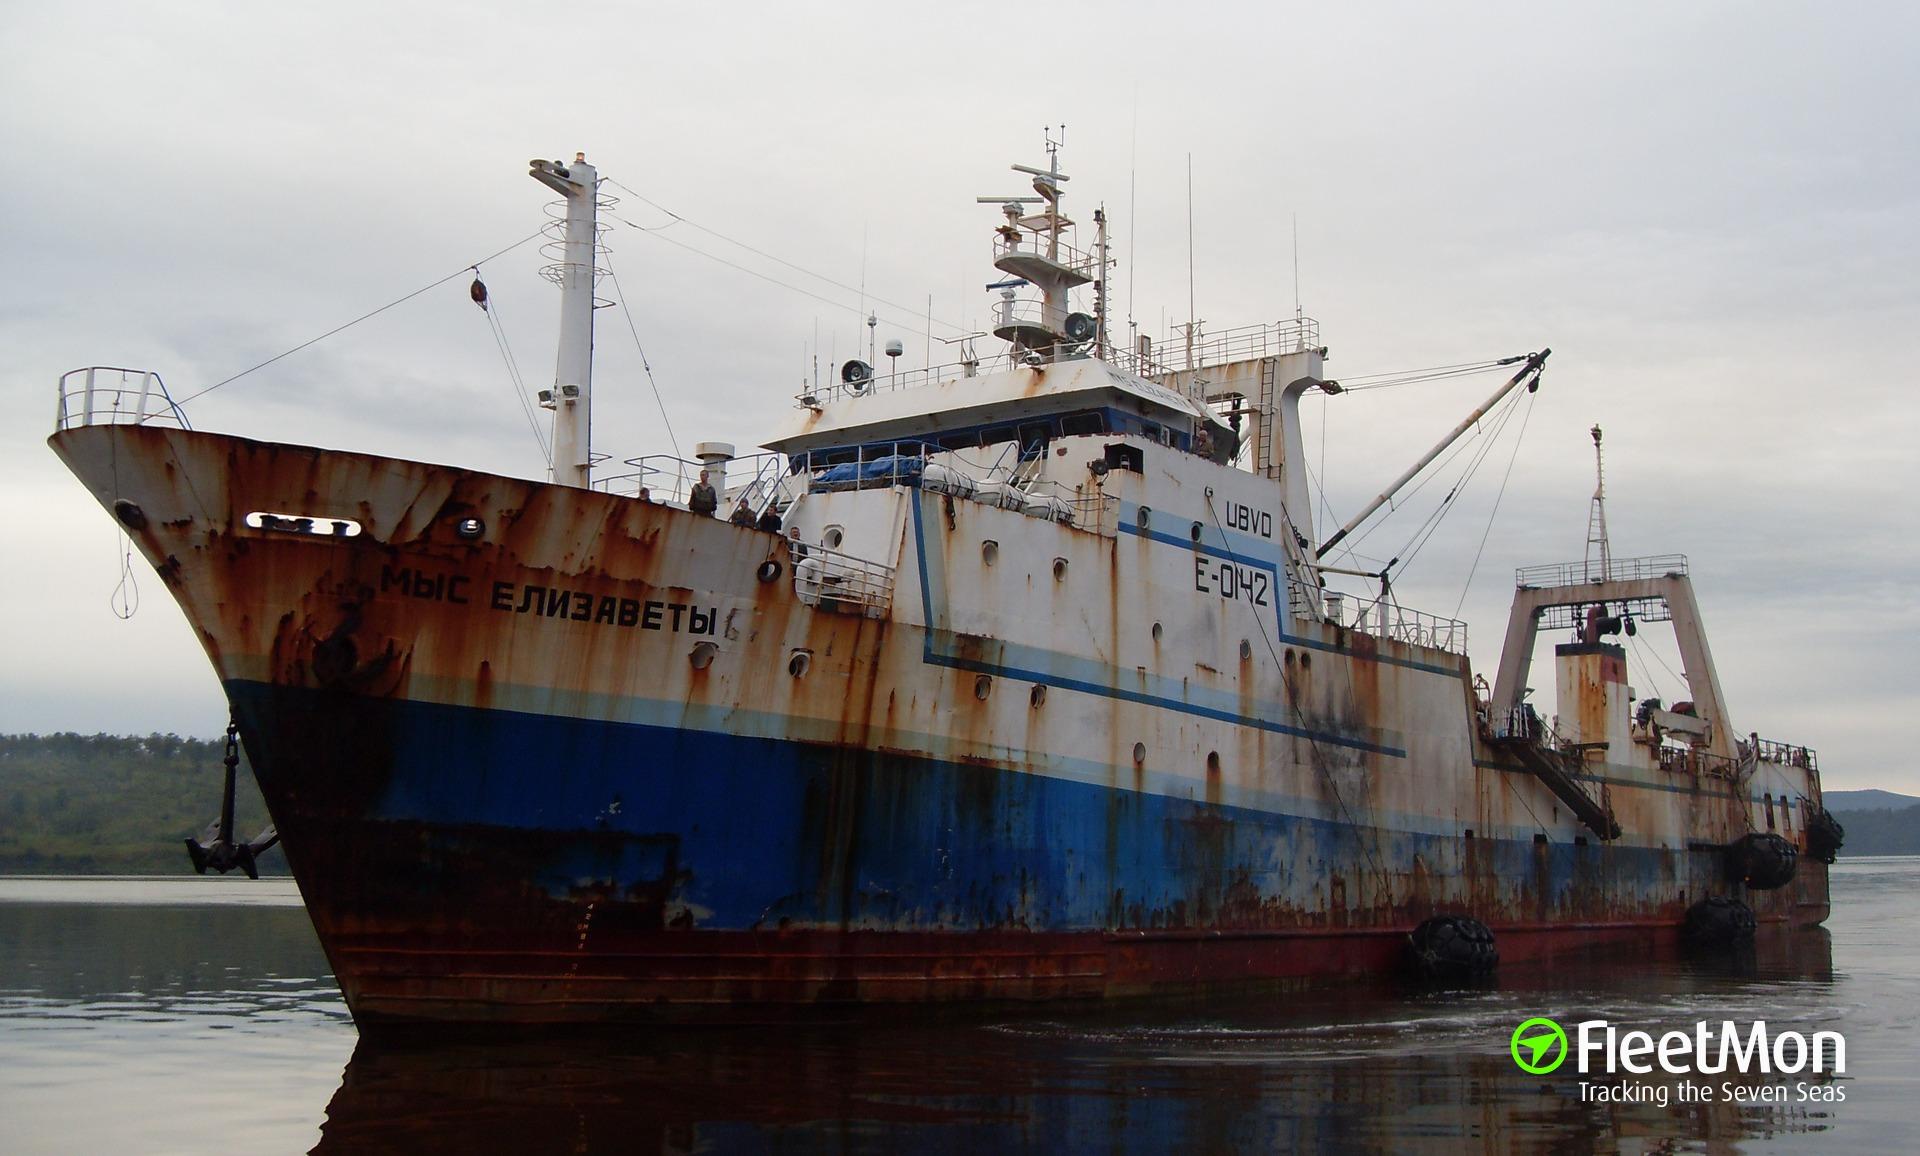 Major fire on board of trawler Mys Elizavety, Japan sea